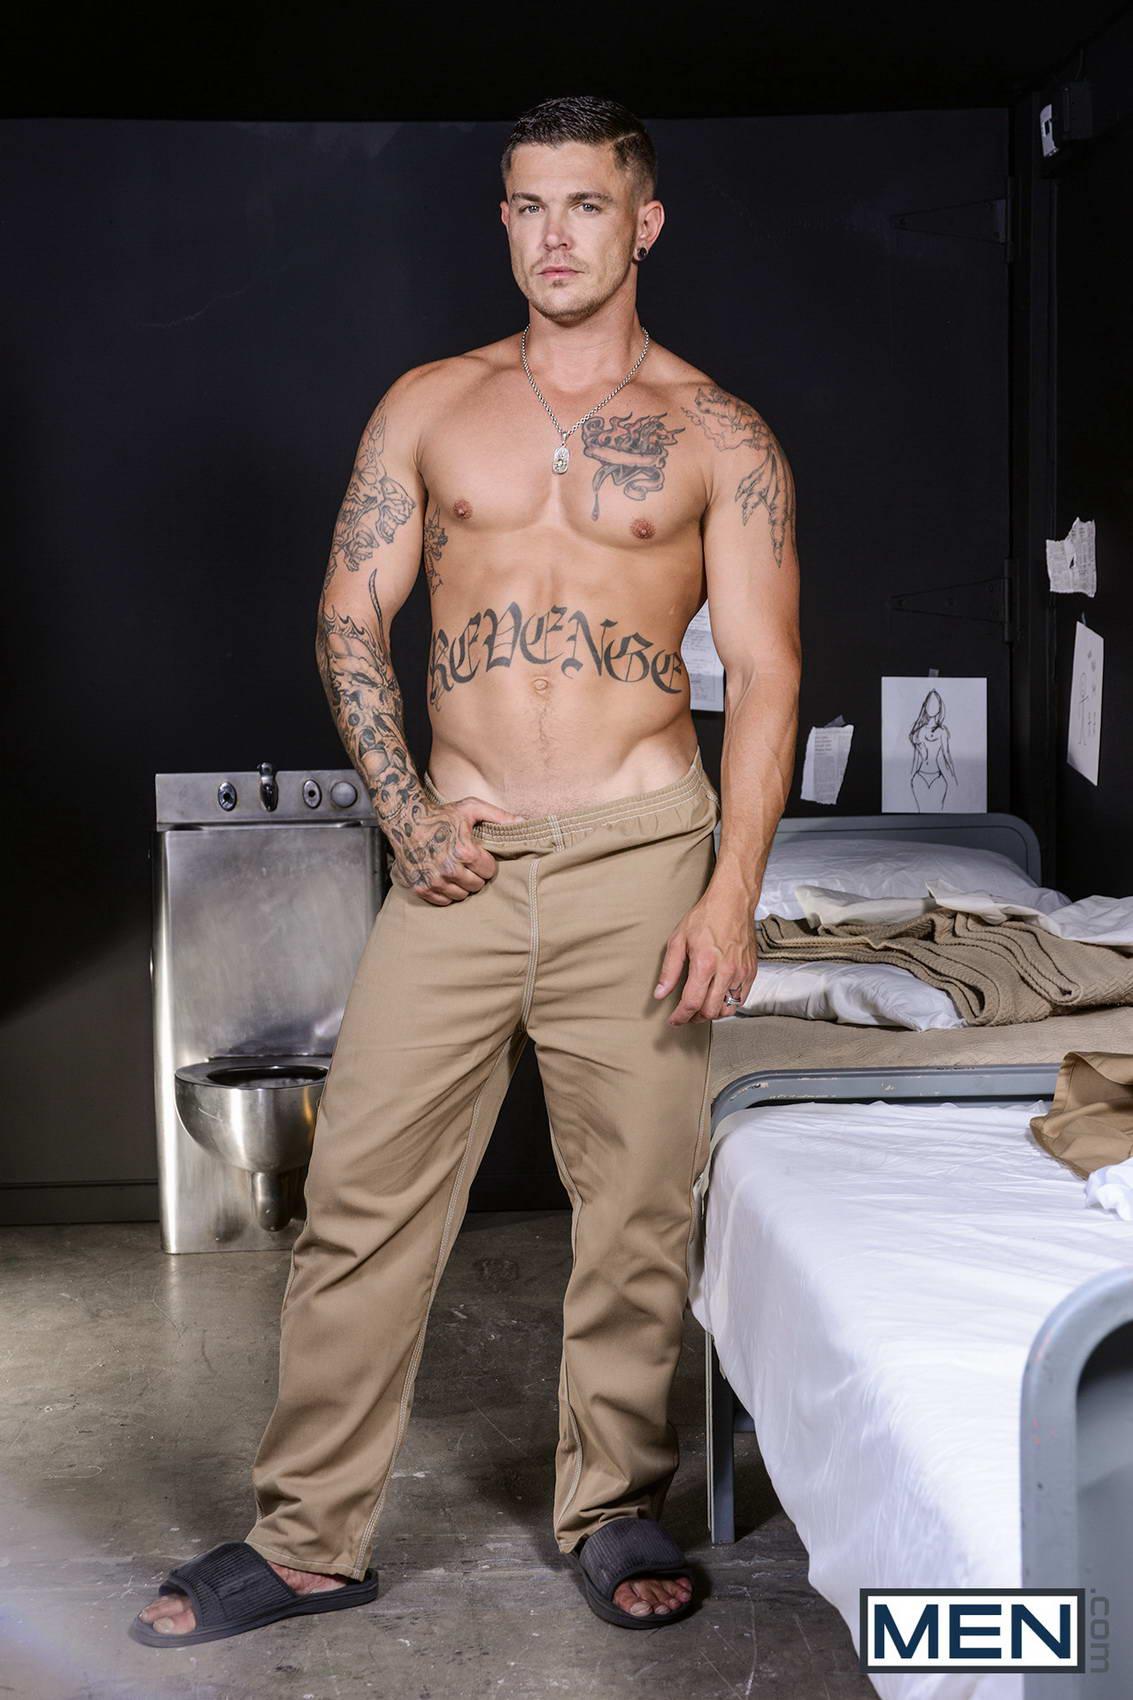 Hot gay sex in barracks